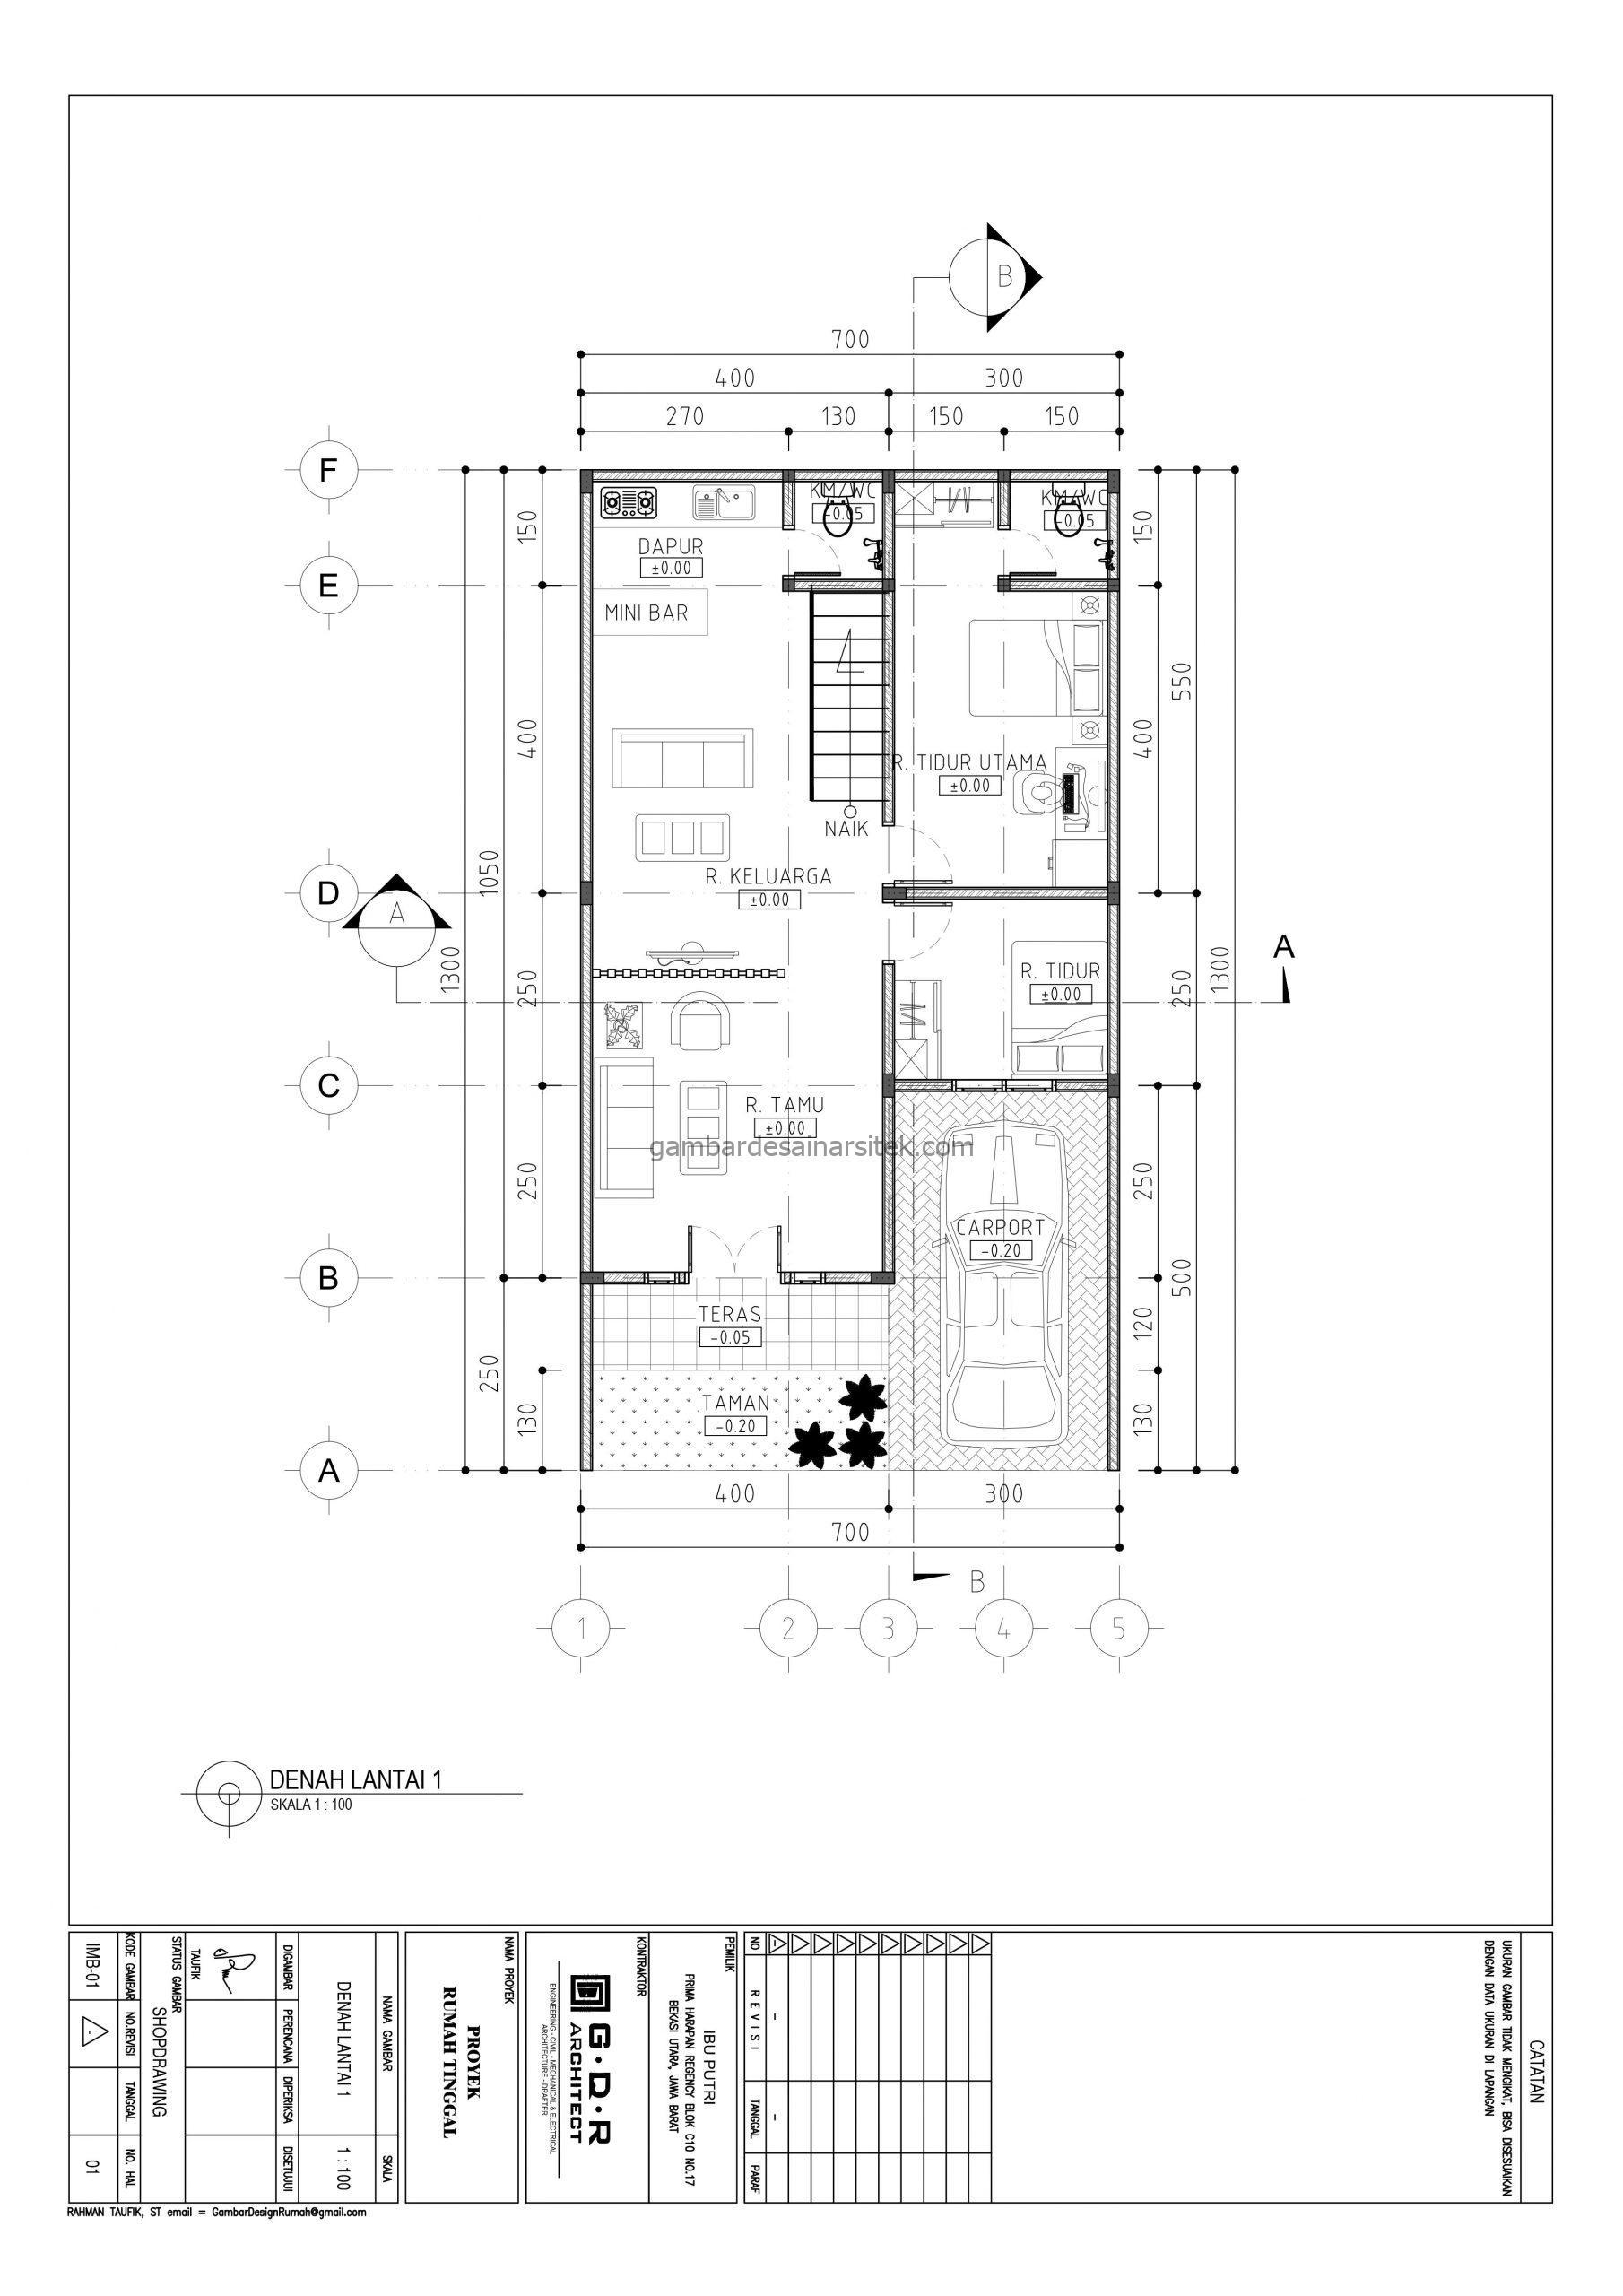 Denah Lantai 1 Gambar Desain Rumah 2 Lantai Pagar Unik 3 scaled